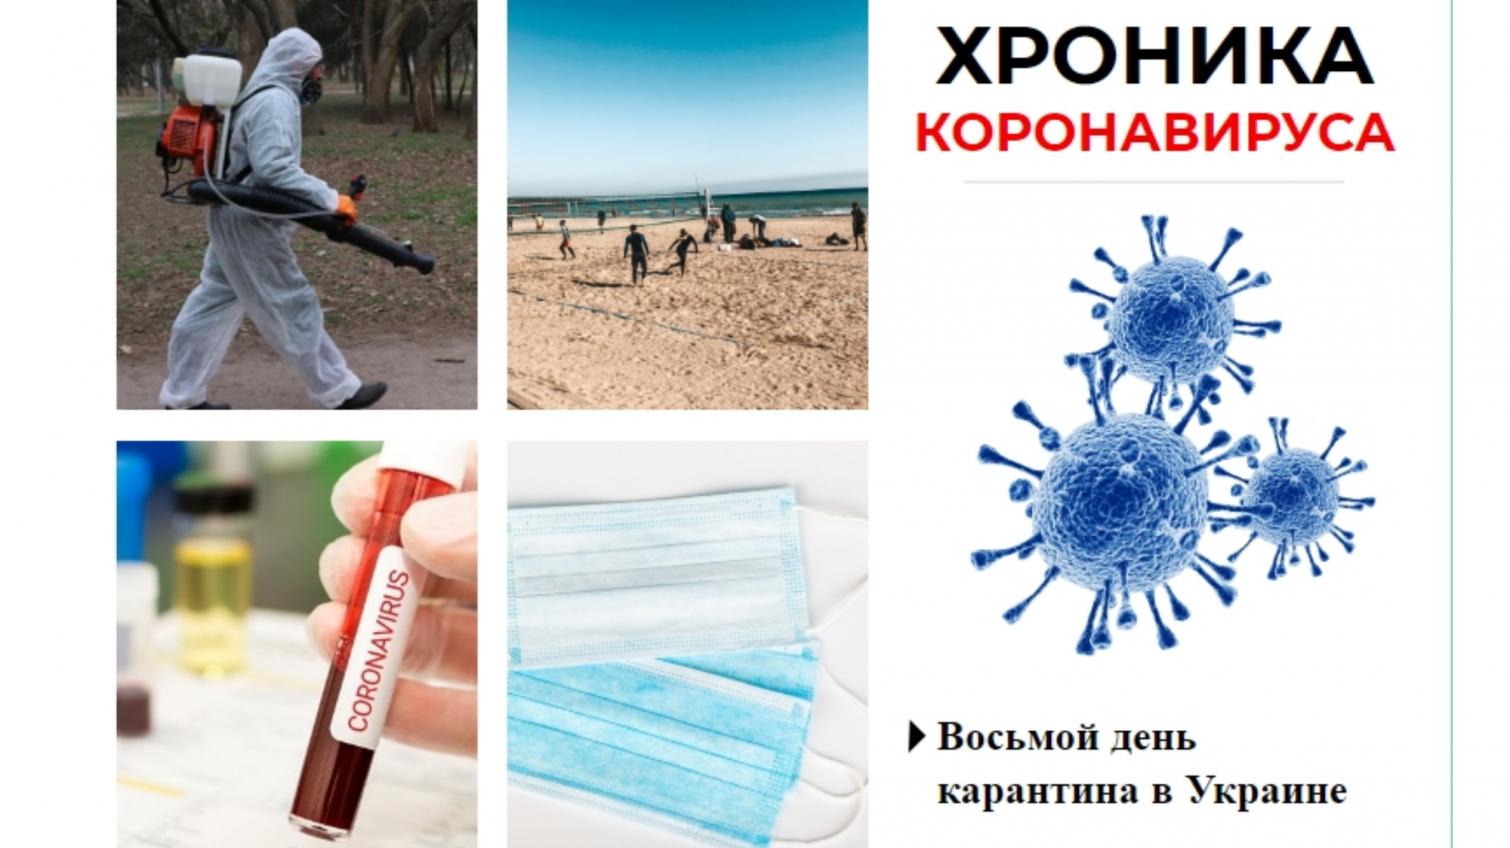 Хроника коронавируса: восьмой день карантина в Украине, события в мире ОБНОВЛЯЕТСЯ «фото»